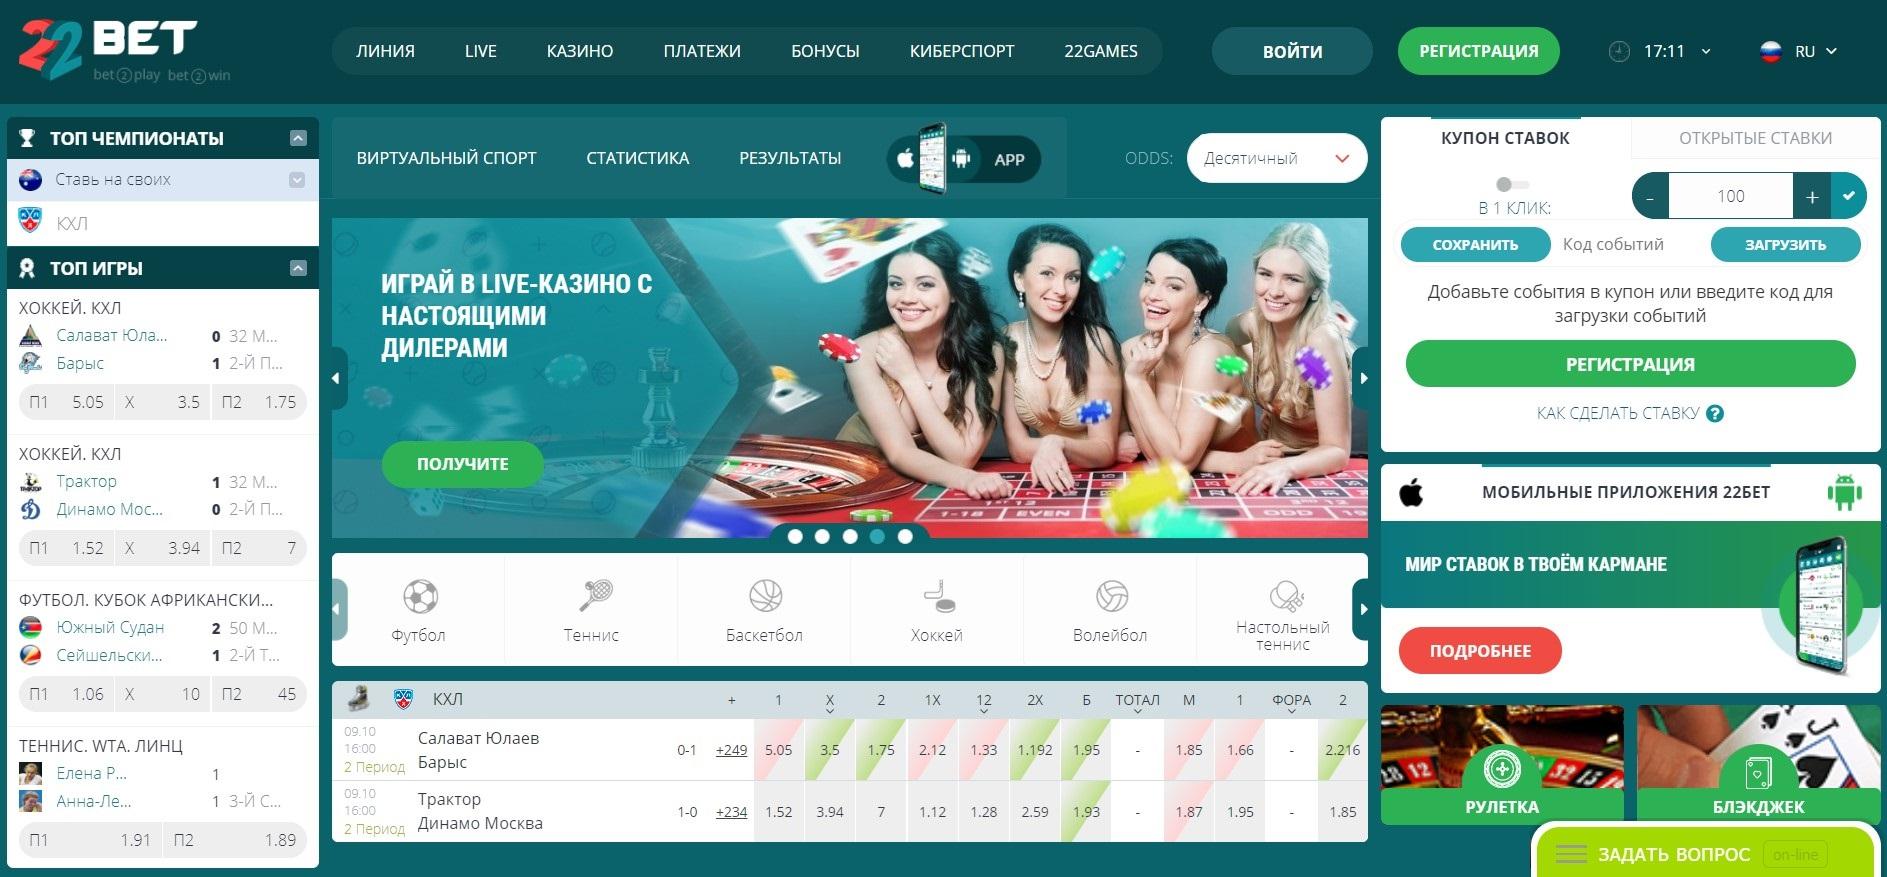 22bet онлайн казино и ставки на спорт